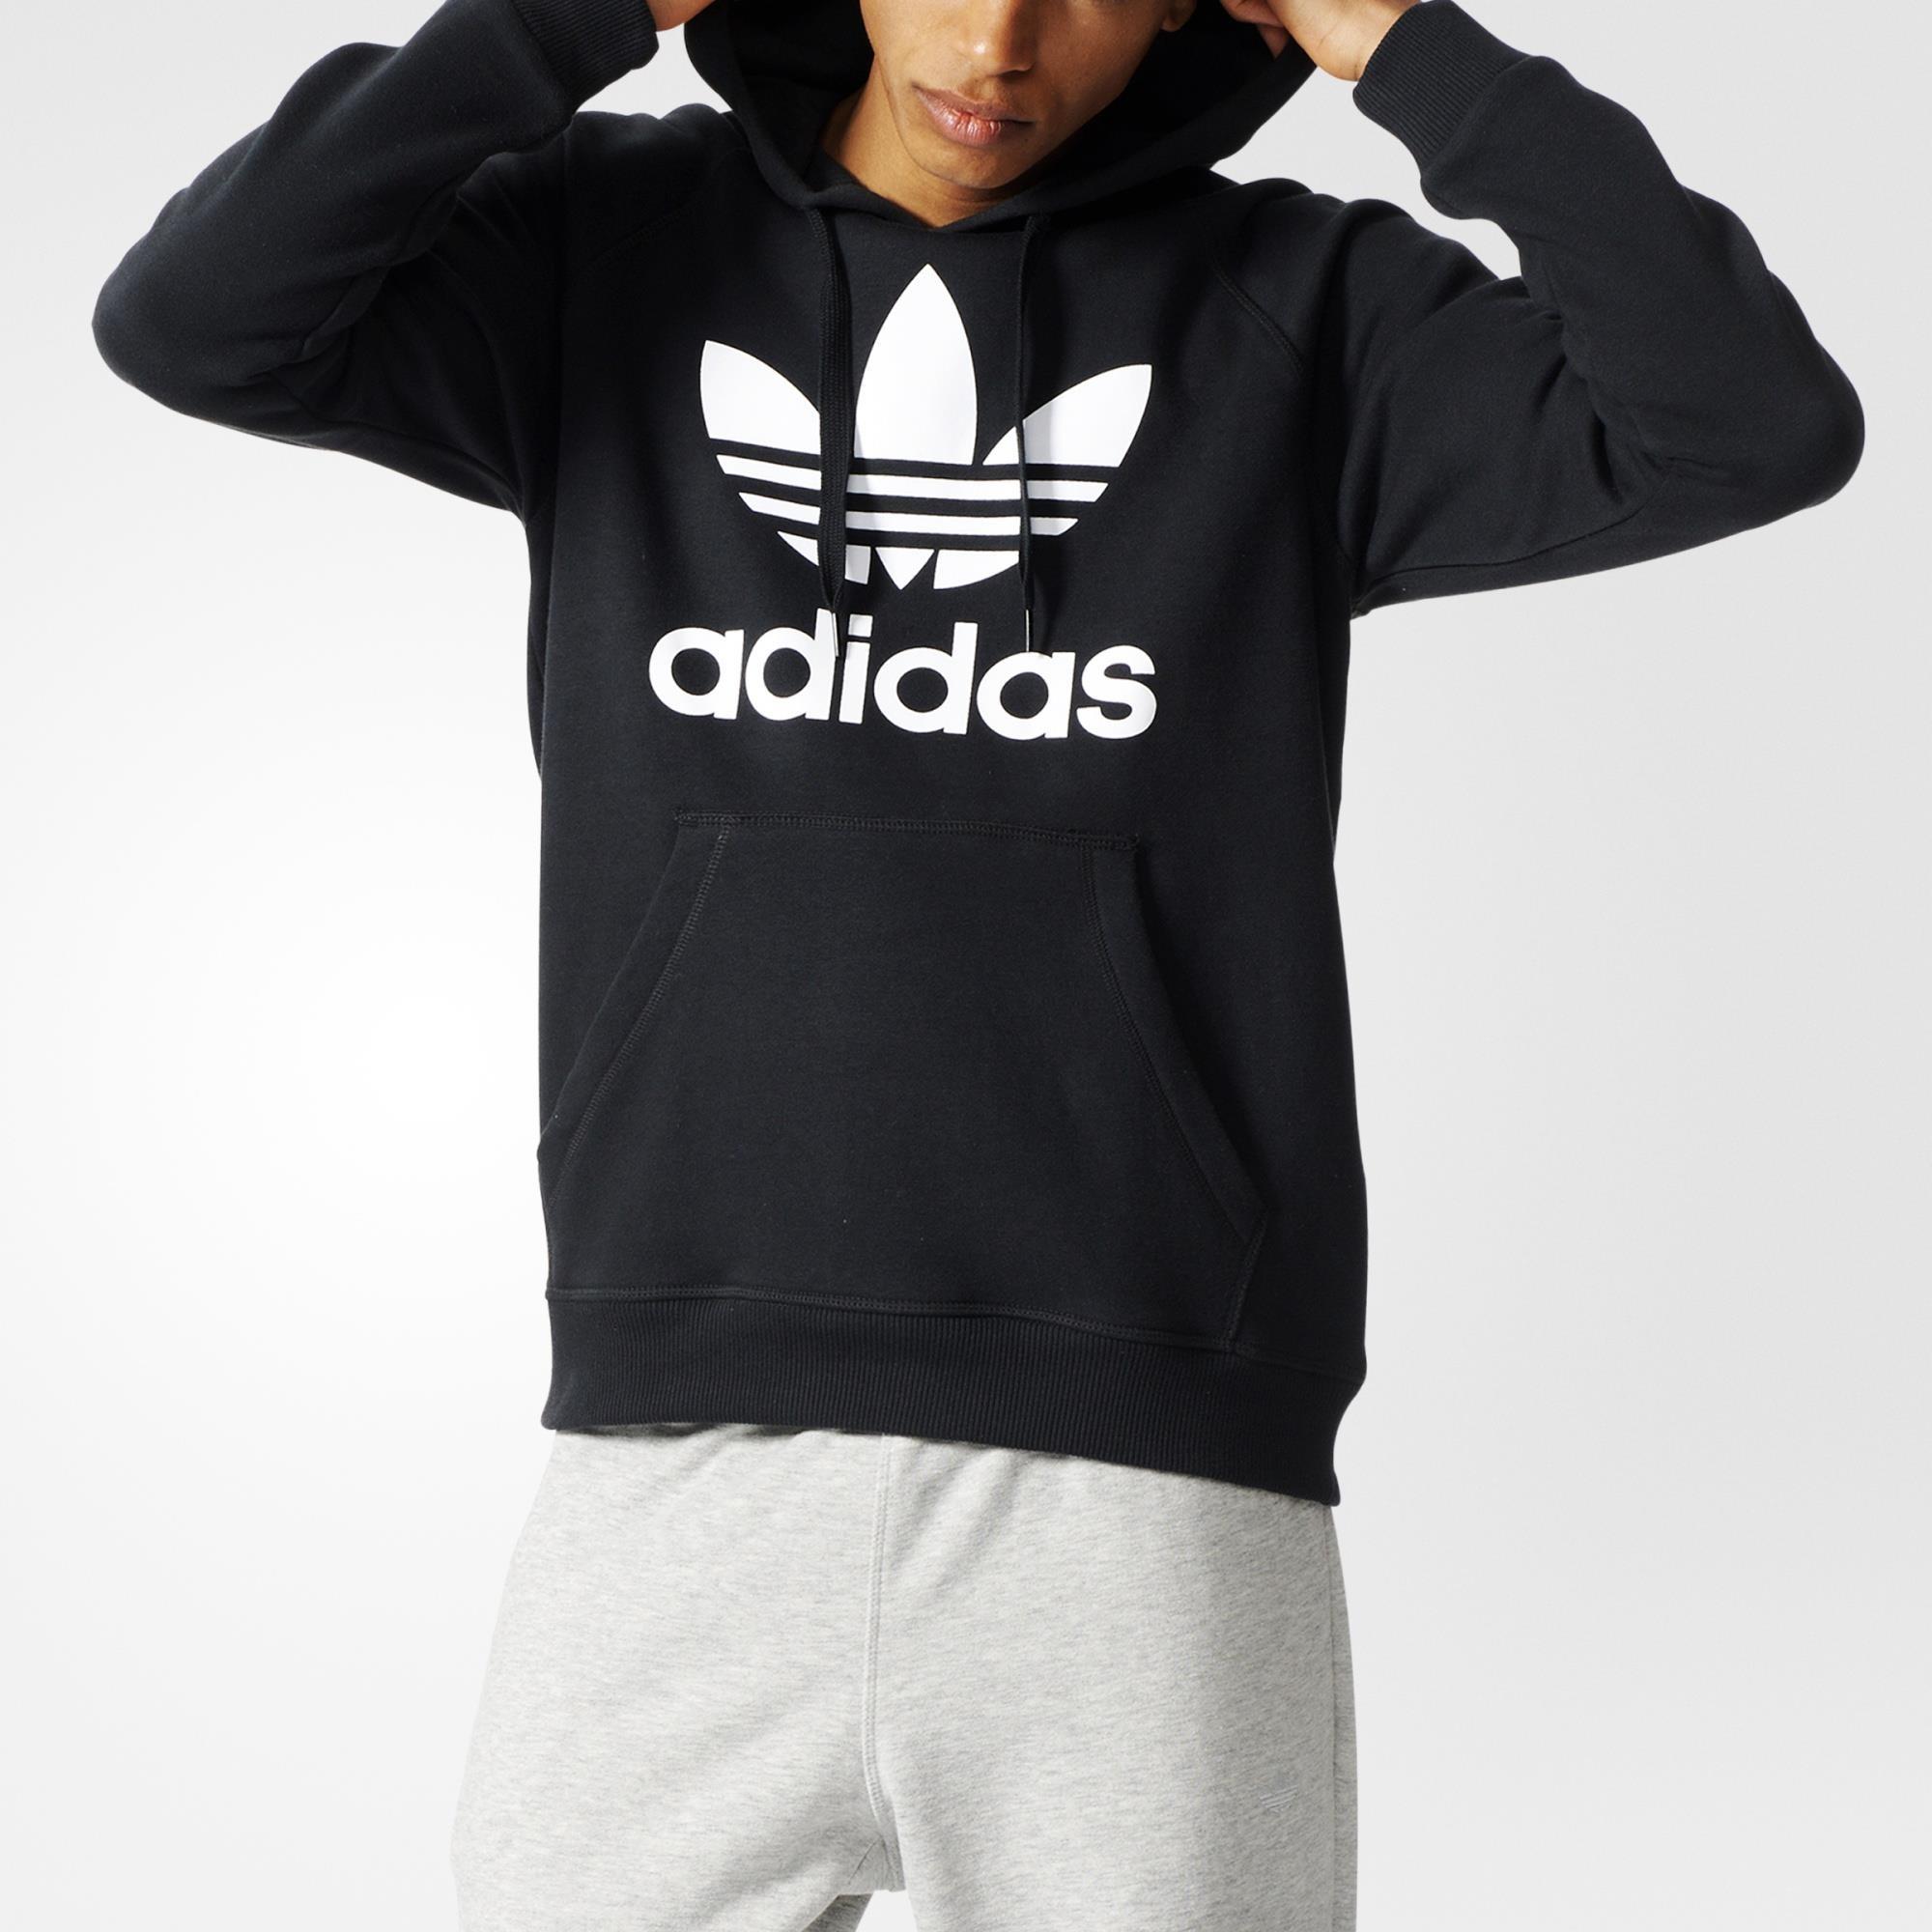 d333020053 adidas Trefoil Hoodie - Black | adidas US